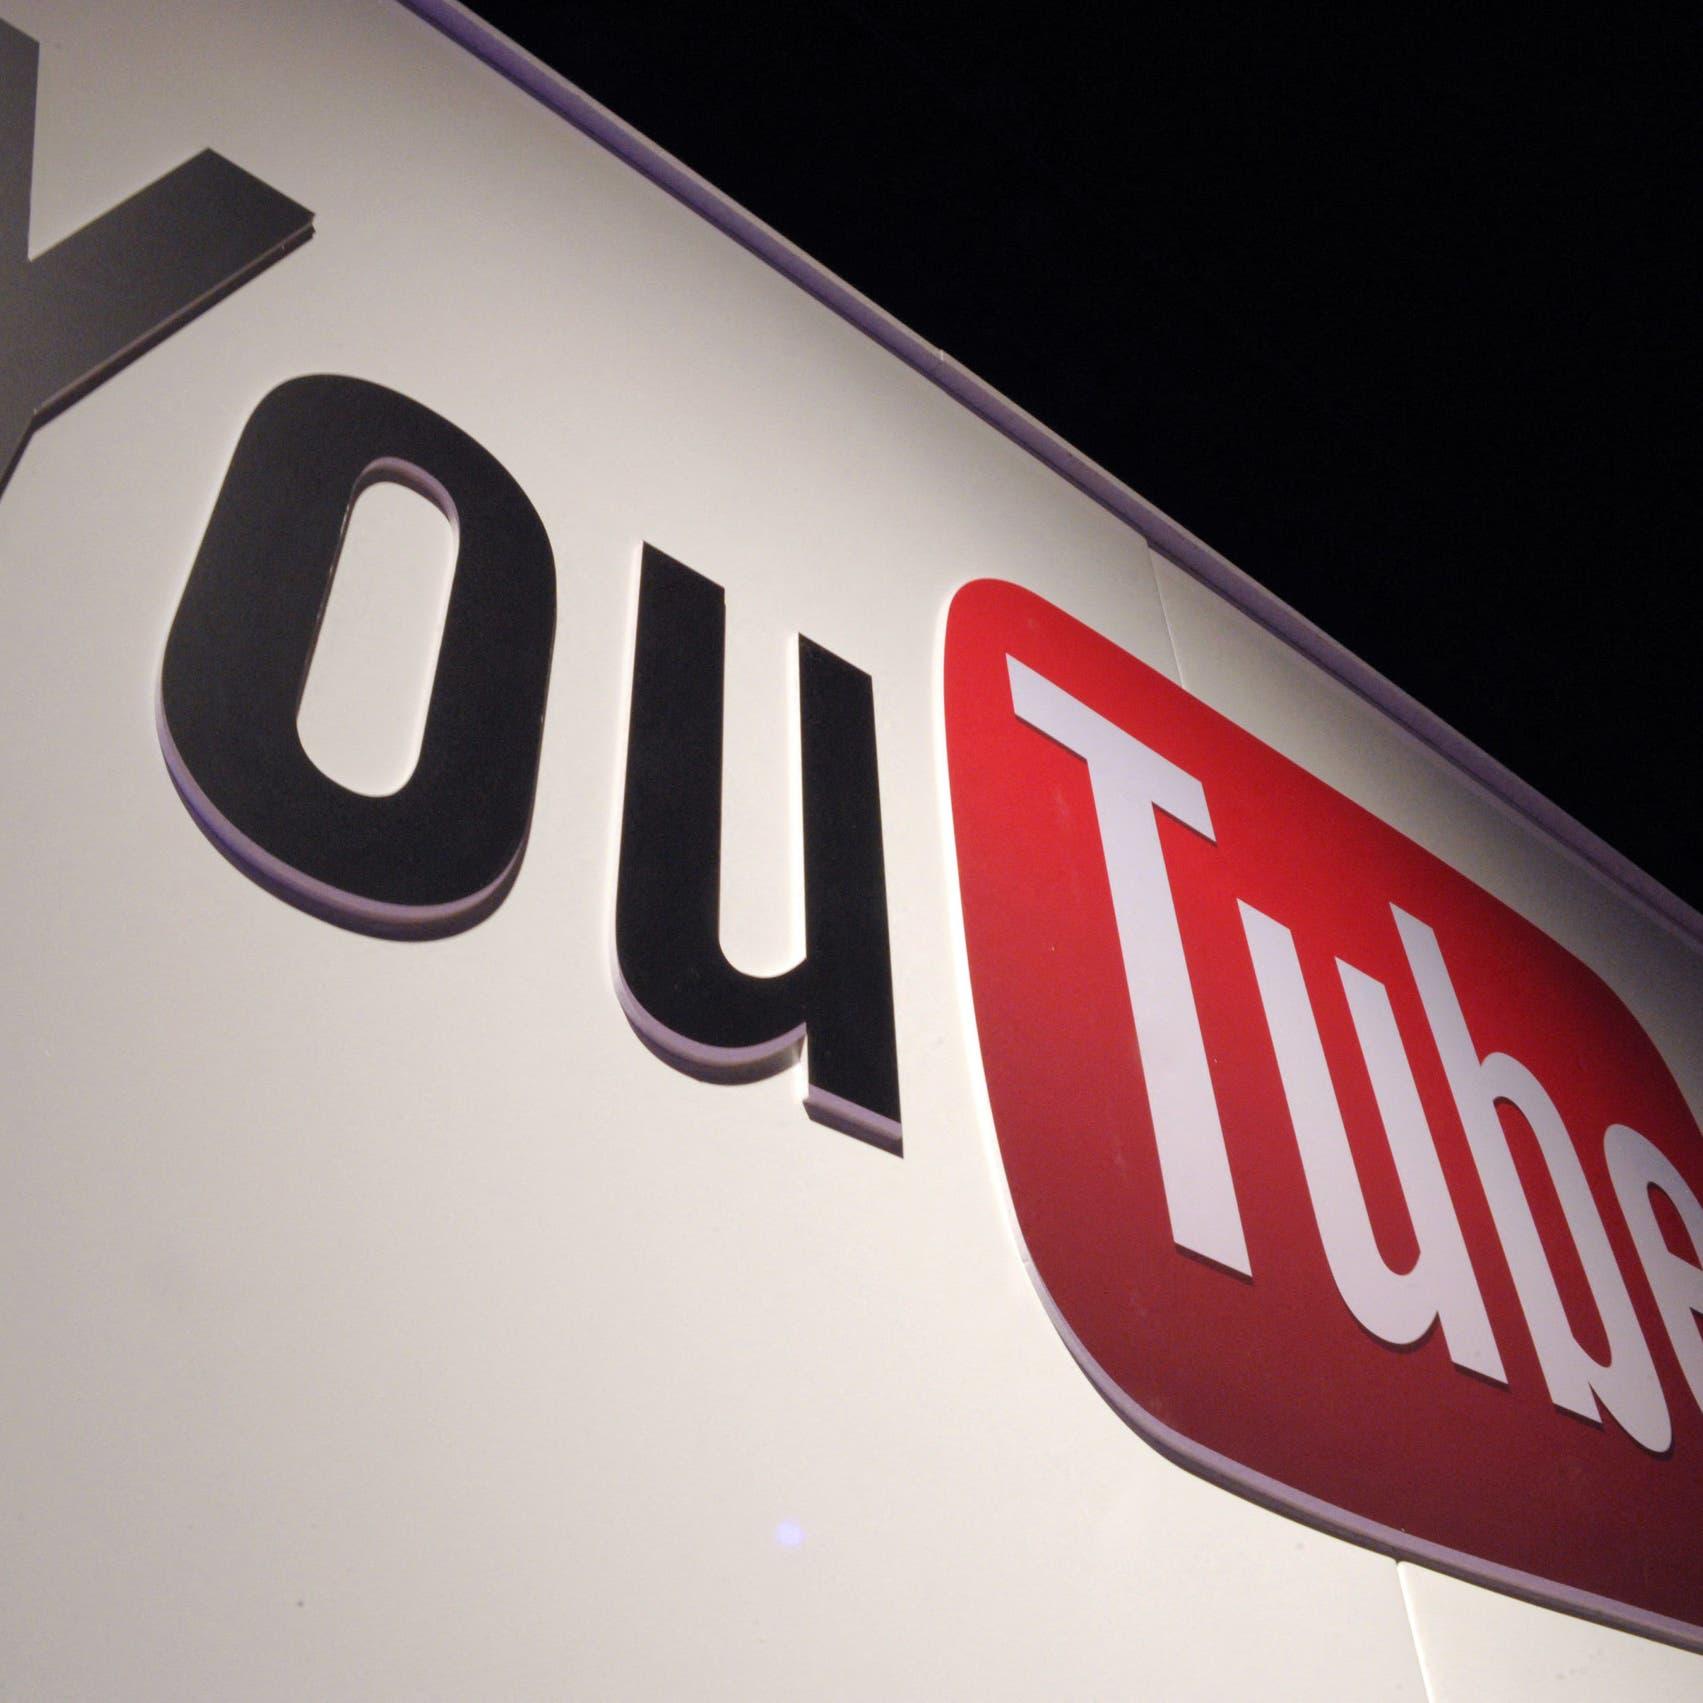 يوتيوب تشدد سياستها وتحظر الحسابات المشككة باللقاحات